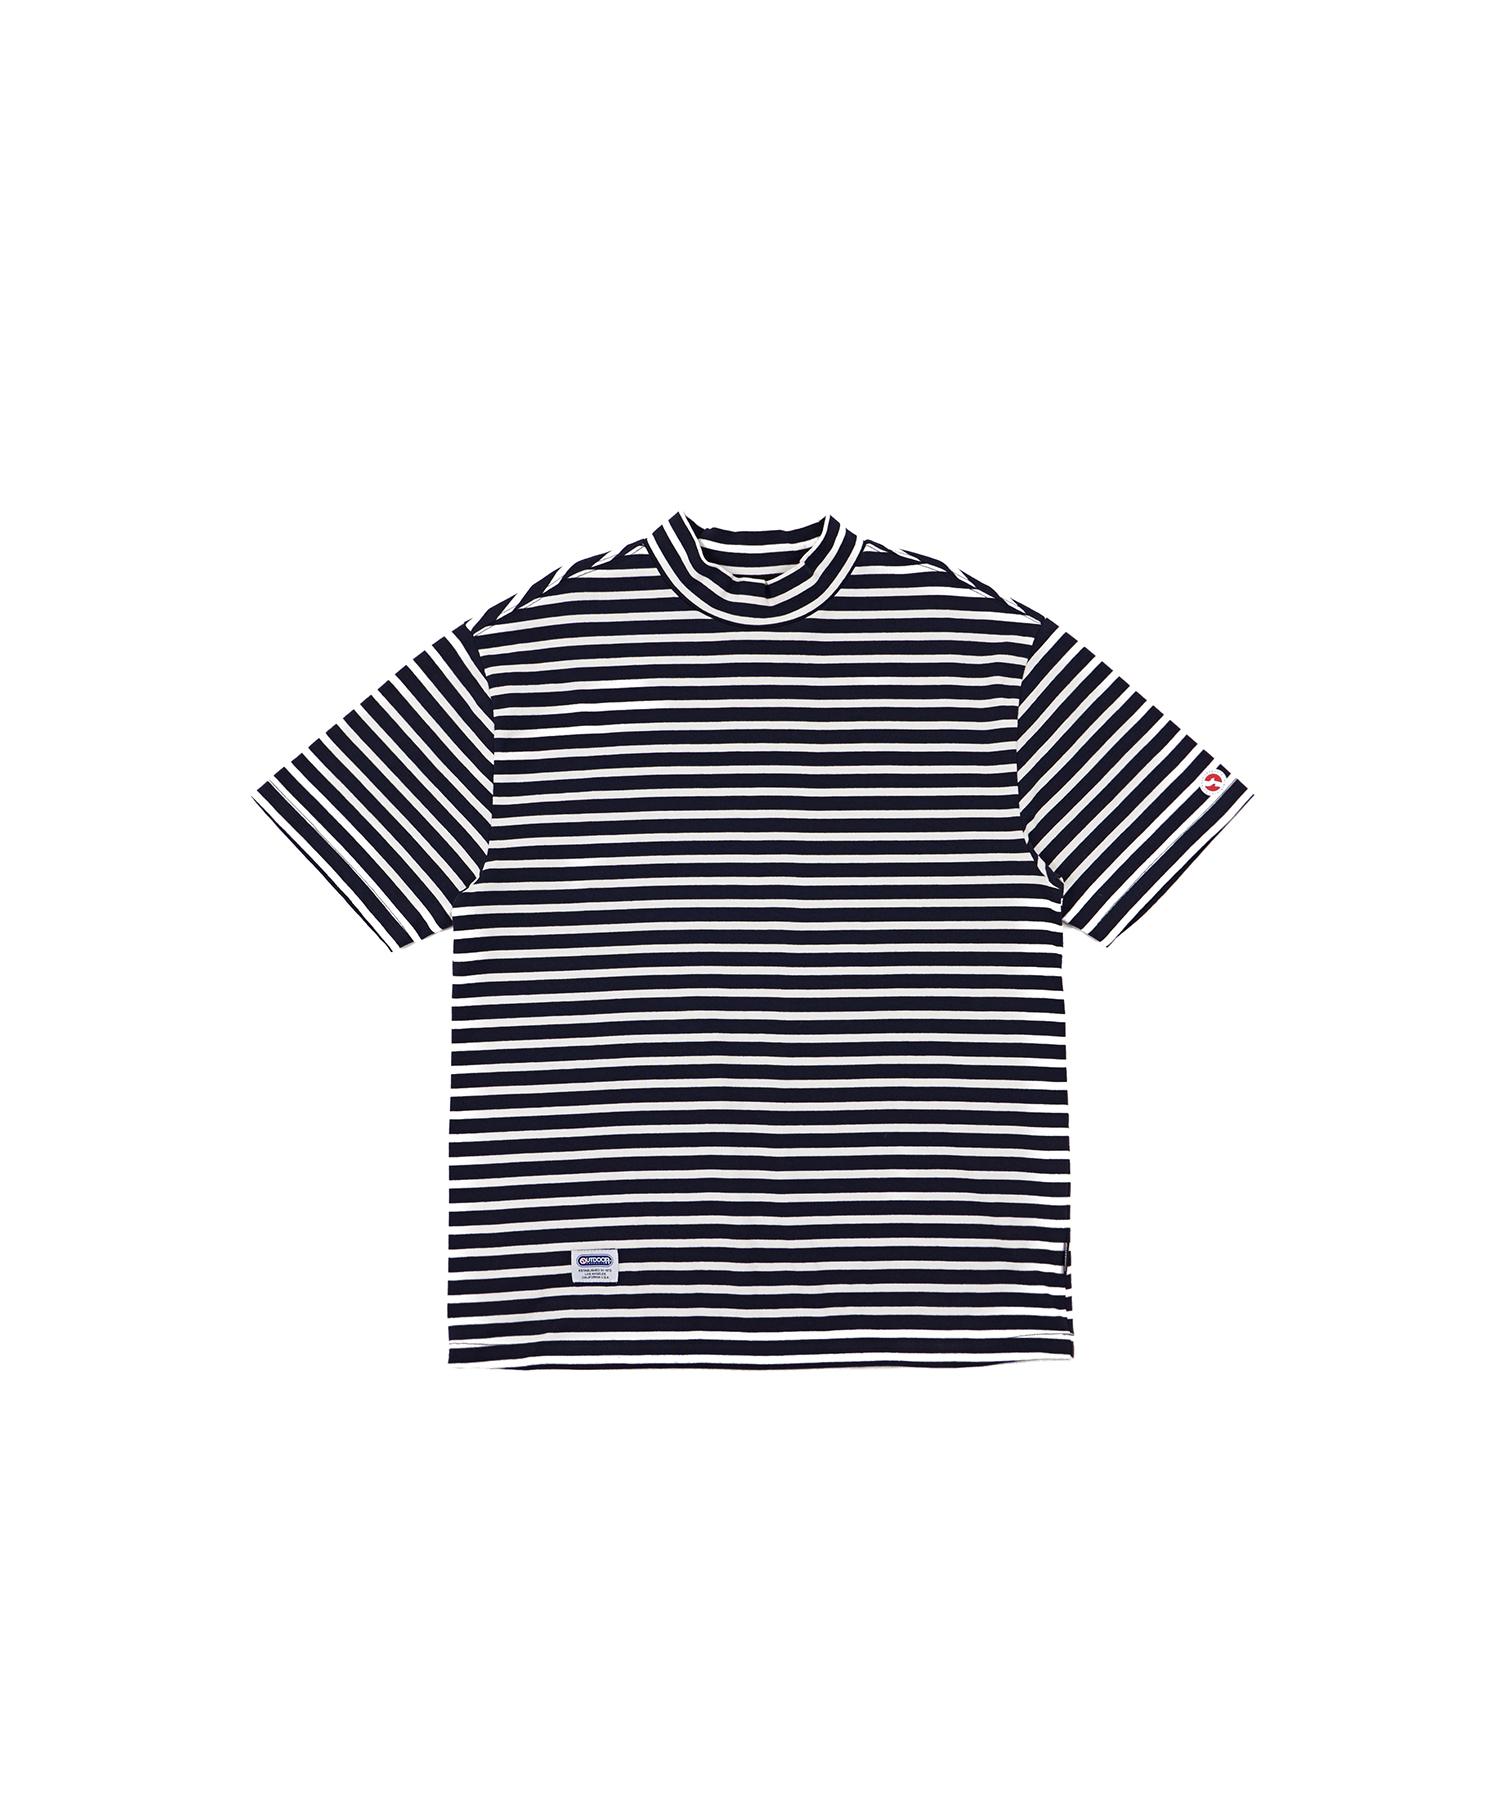 아웃도어프로덕트 하이넥 스트라이프 티셔츠